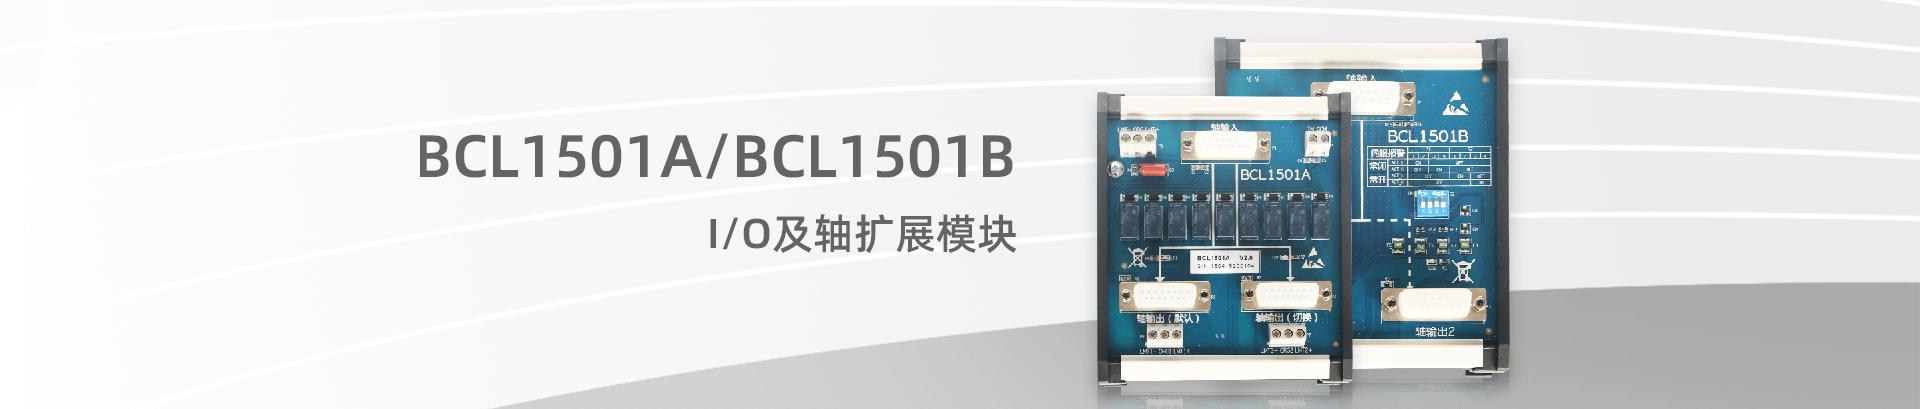 BCL1501A/BCL1501B